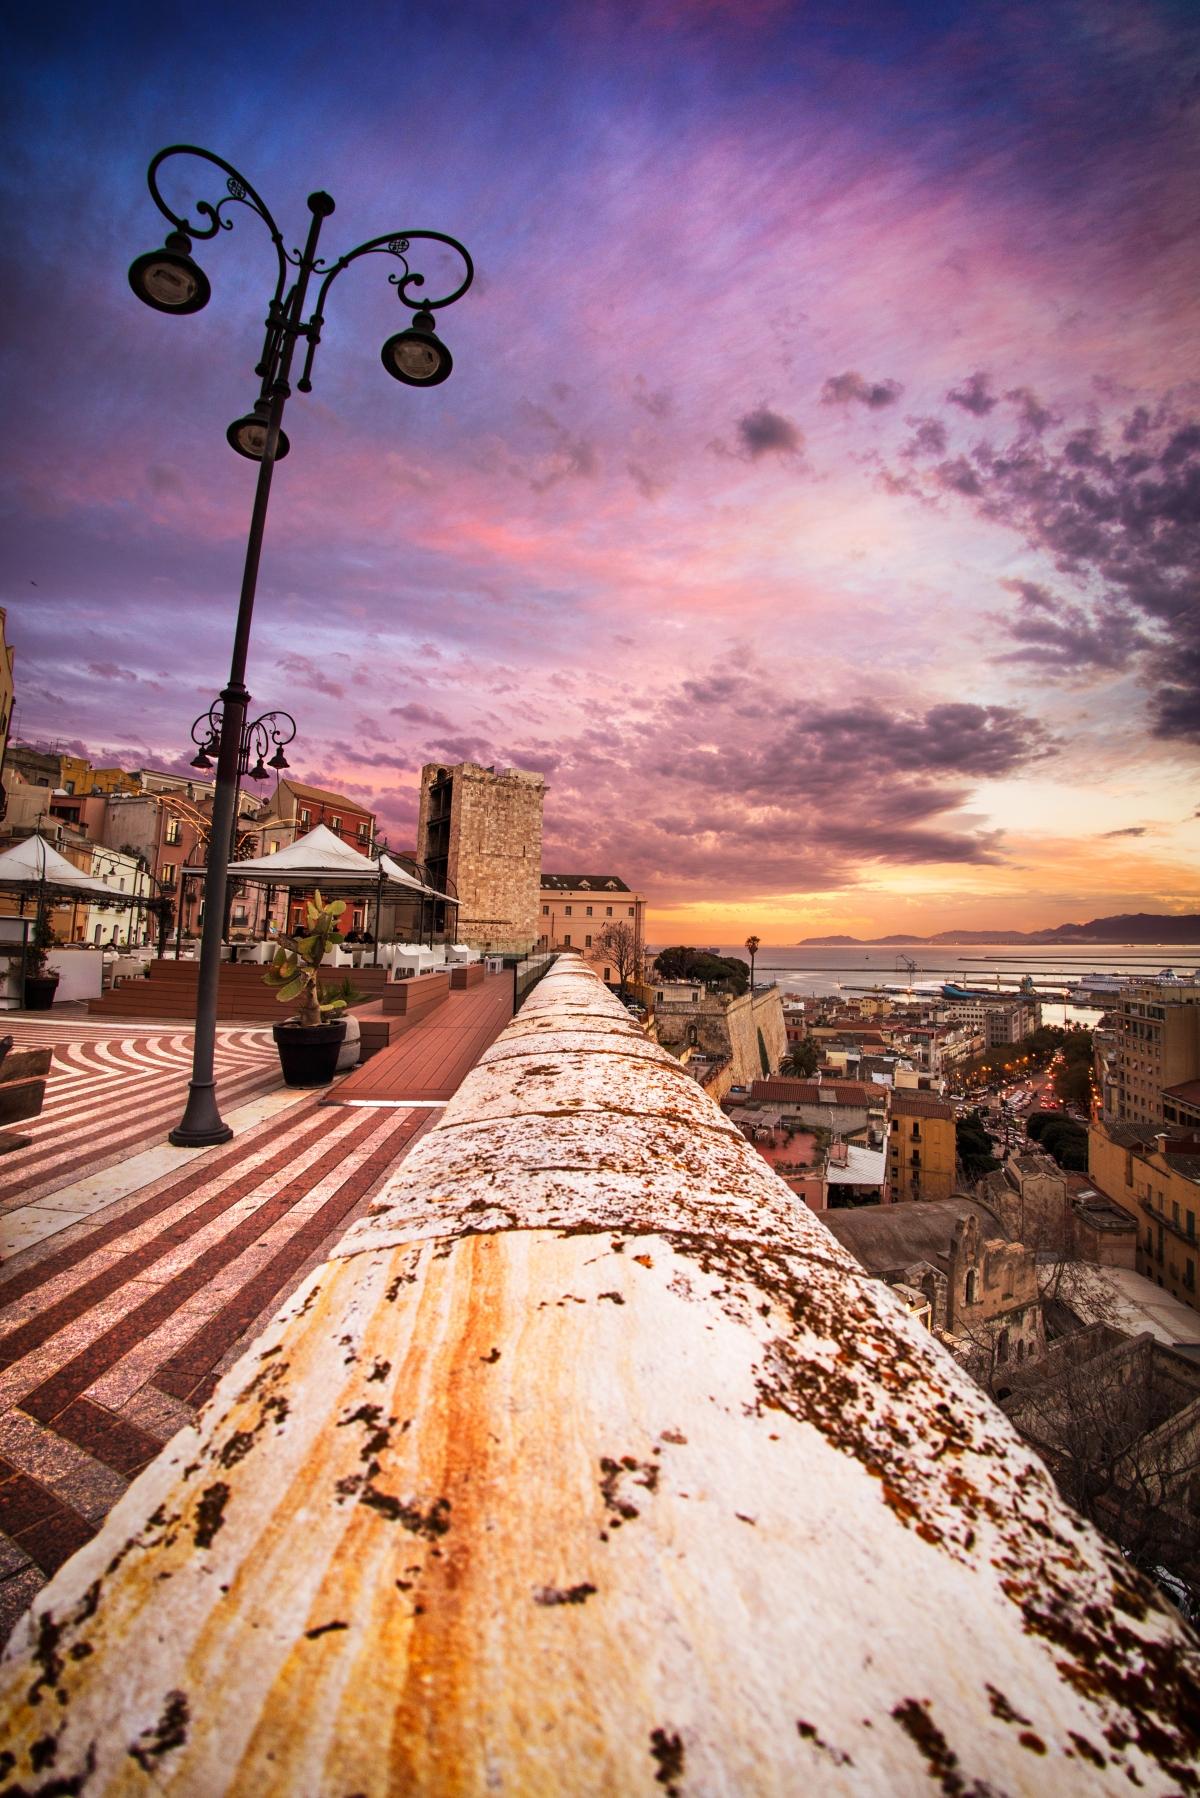 cagliari bastione di santa croce italy - photo#29